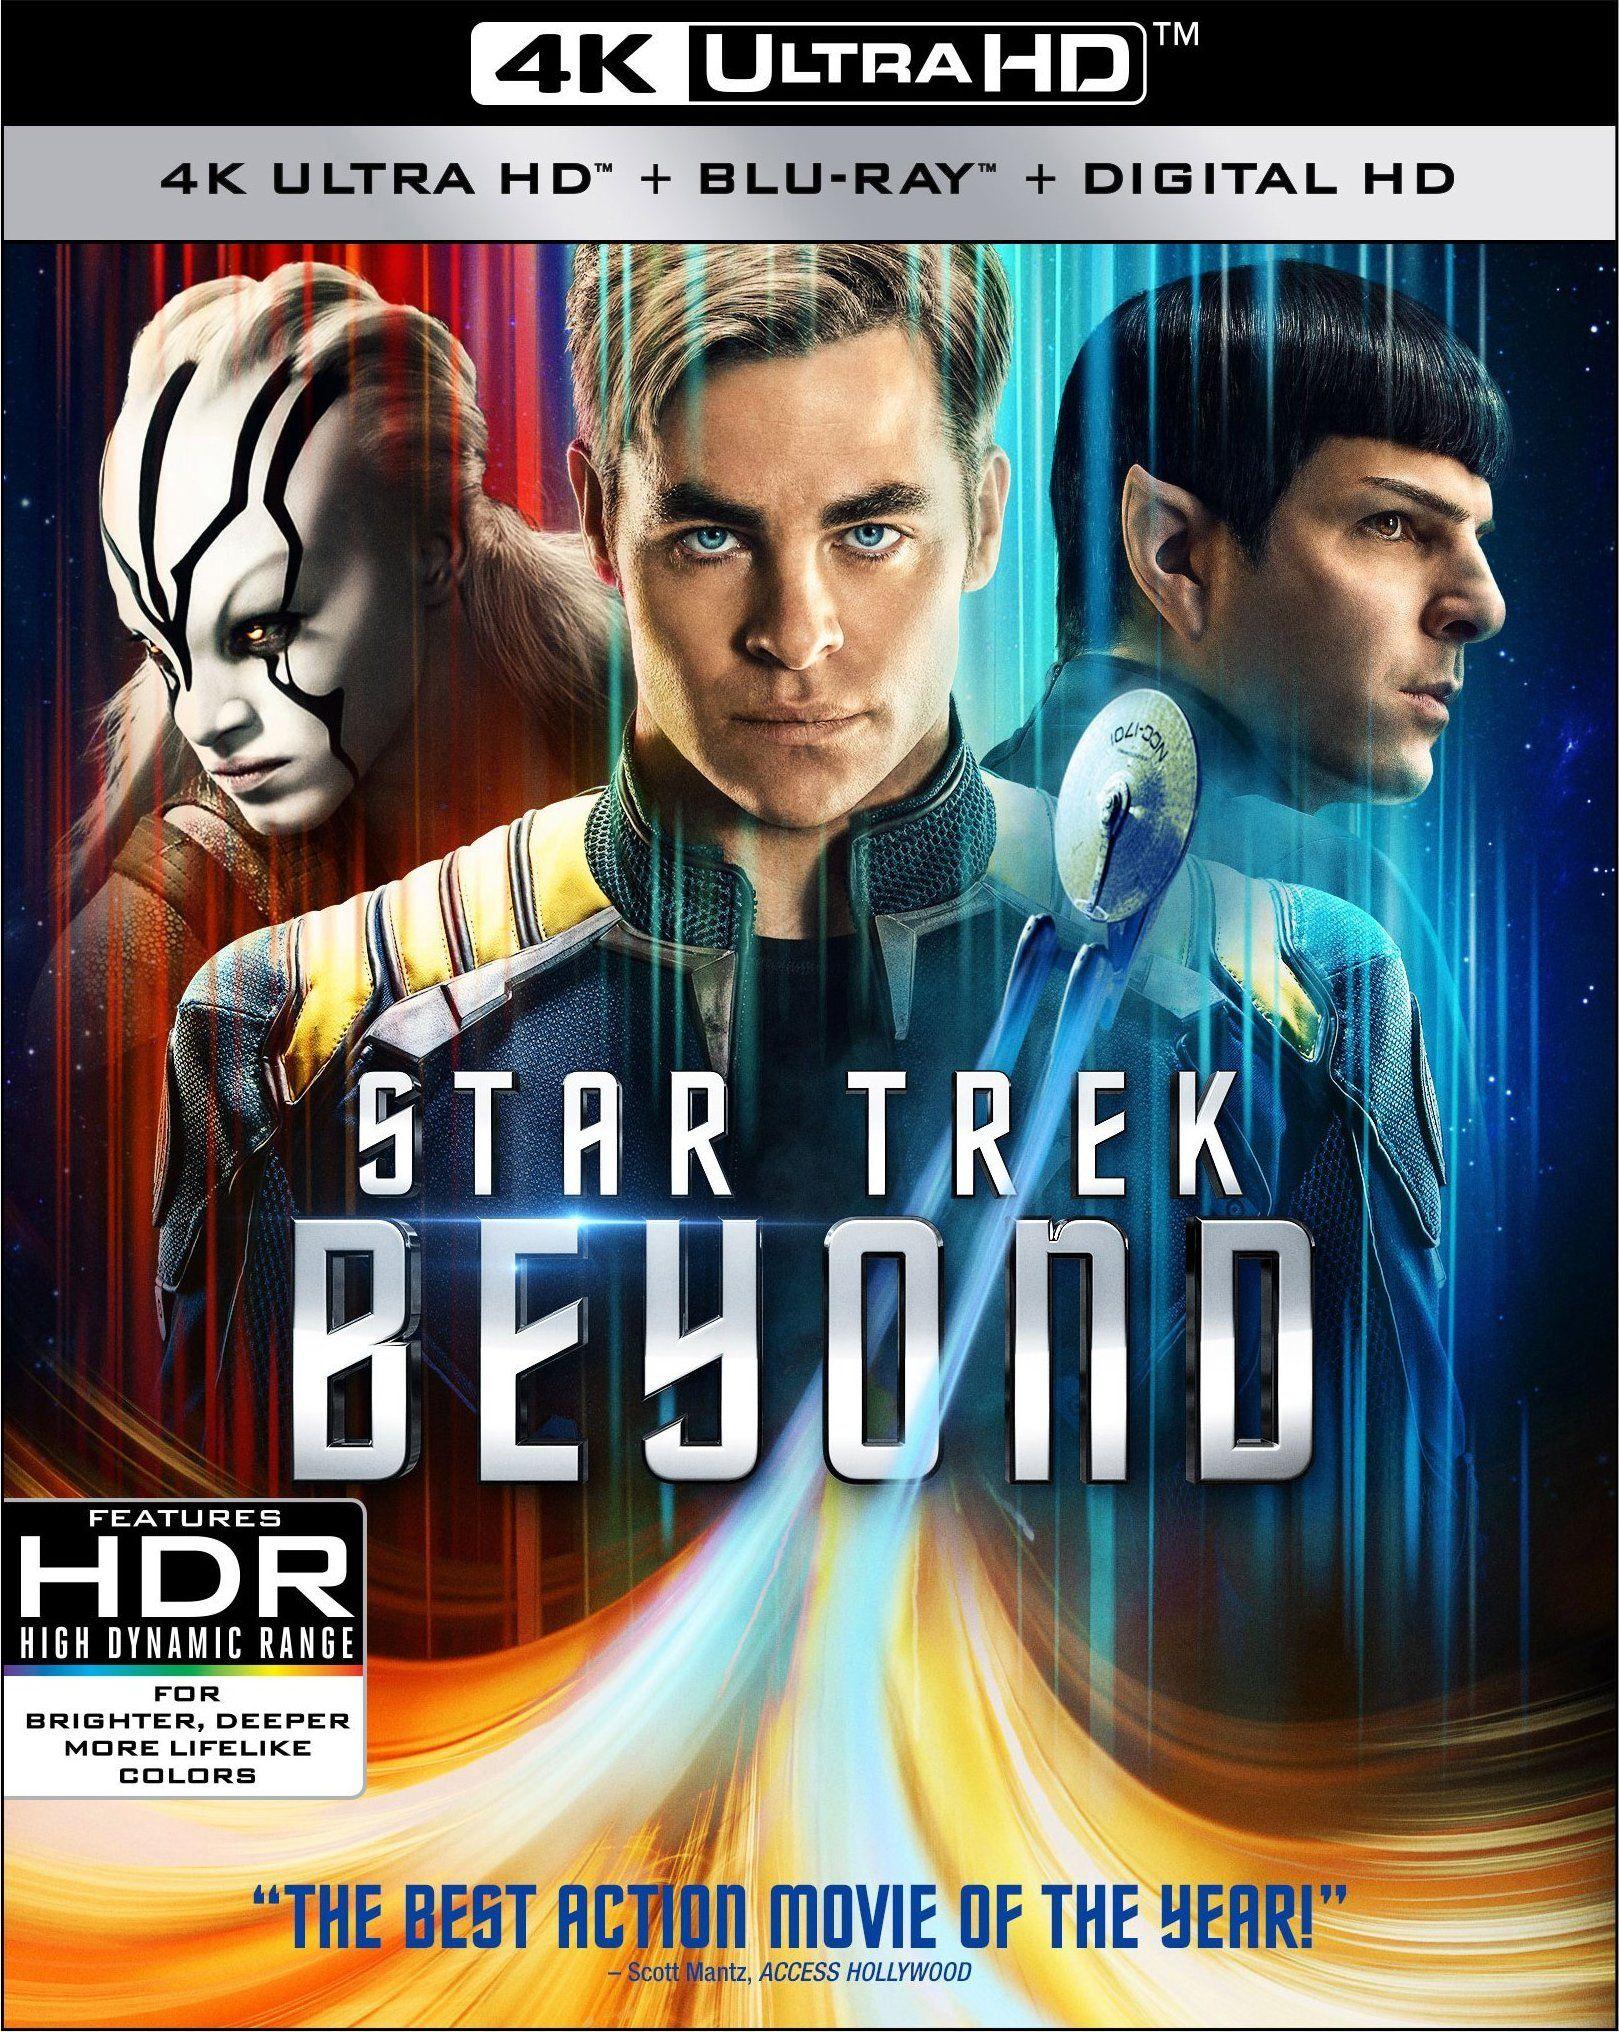 Star Trek Beyond 4k Ultra Hd Blu Ray Star Trek Beyond Star